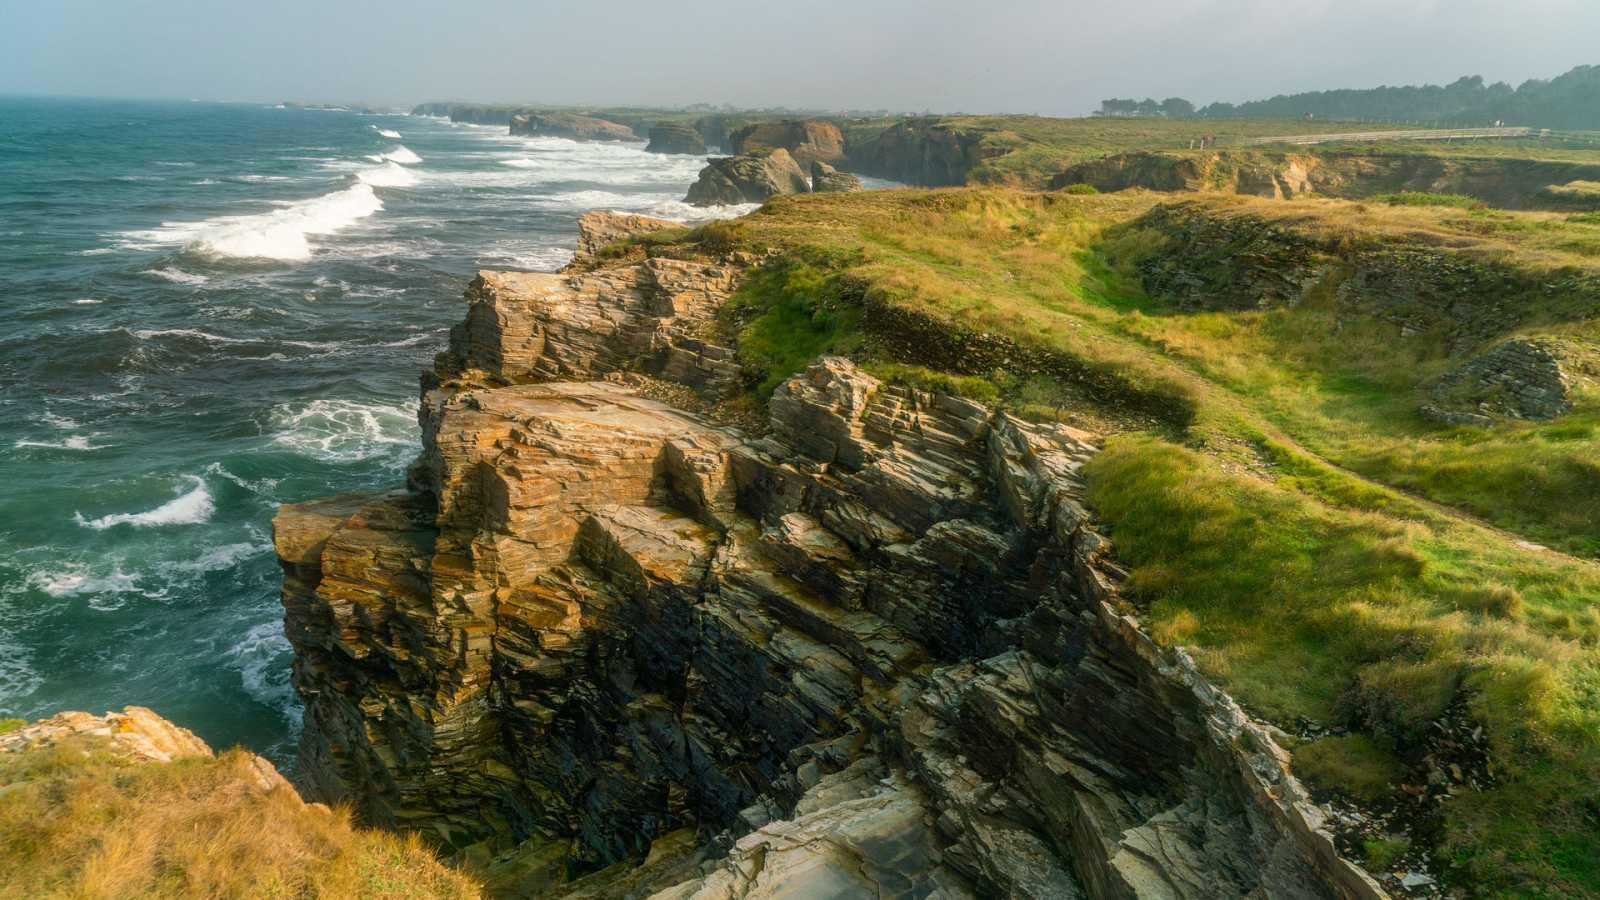 Un frente atlántico dejará mañana viento fuerte en Galicia y Canarias - Ver ahora